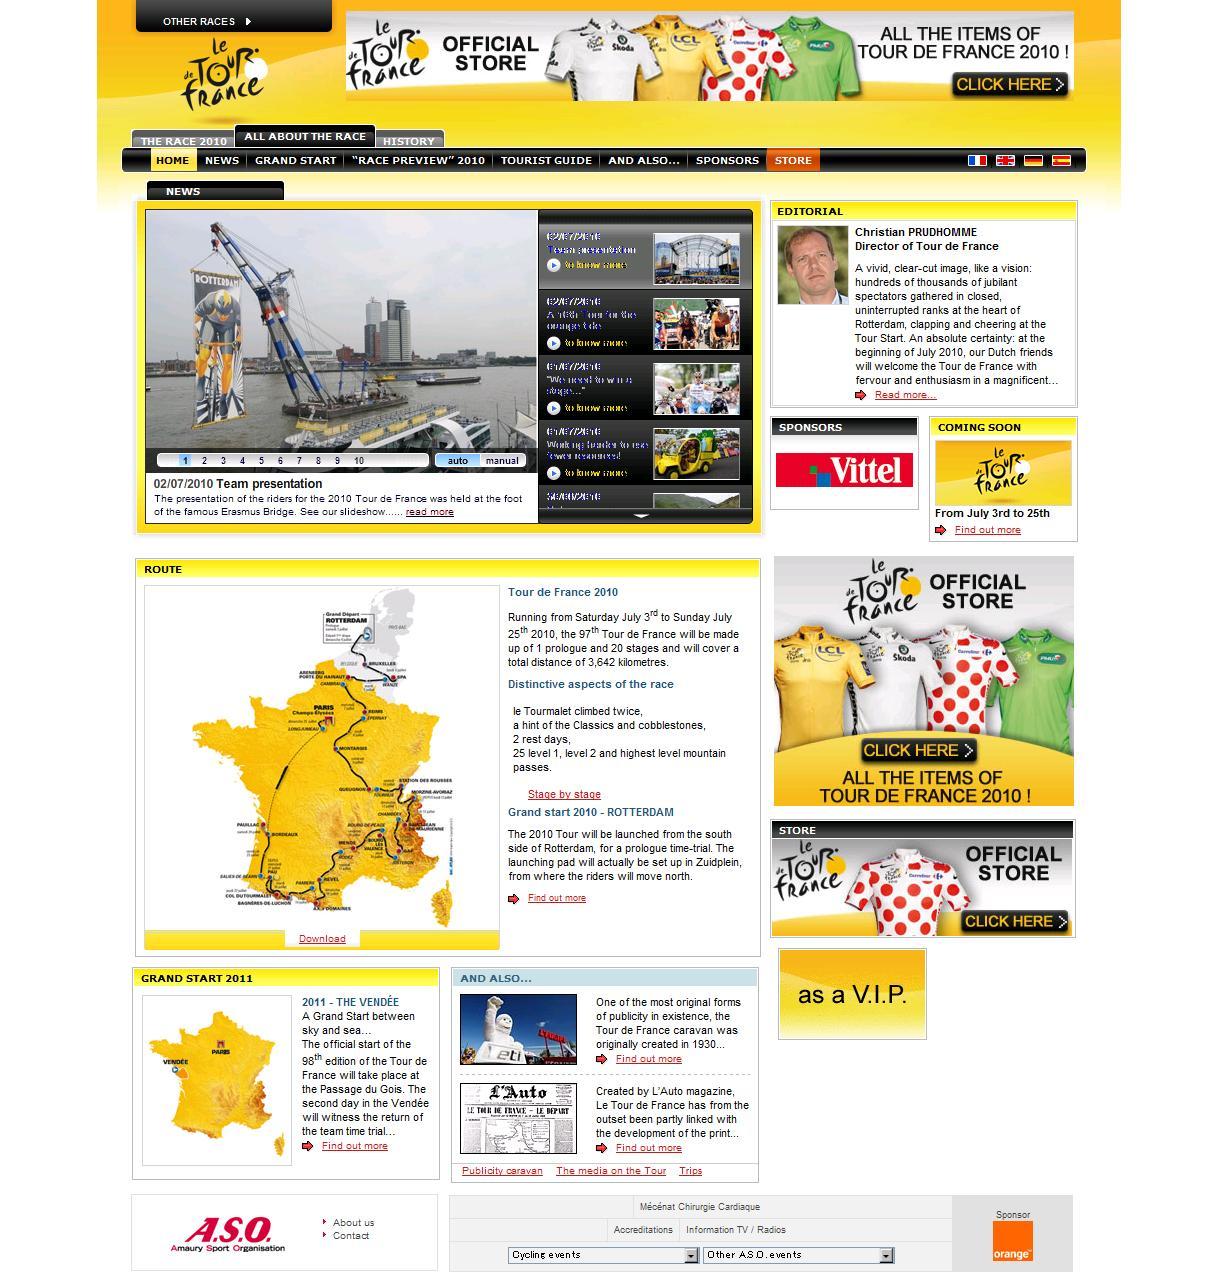 ツール・ド・フランス2010